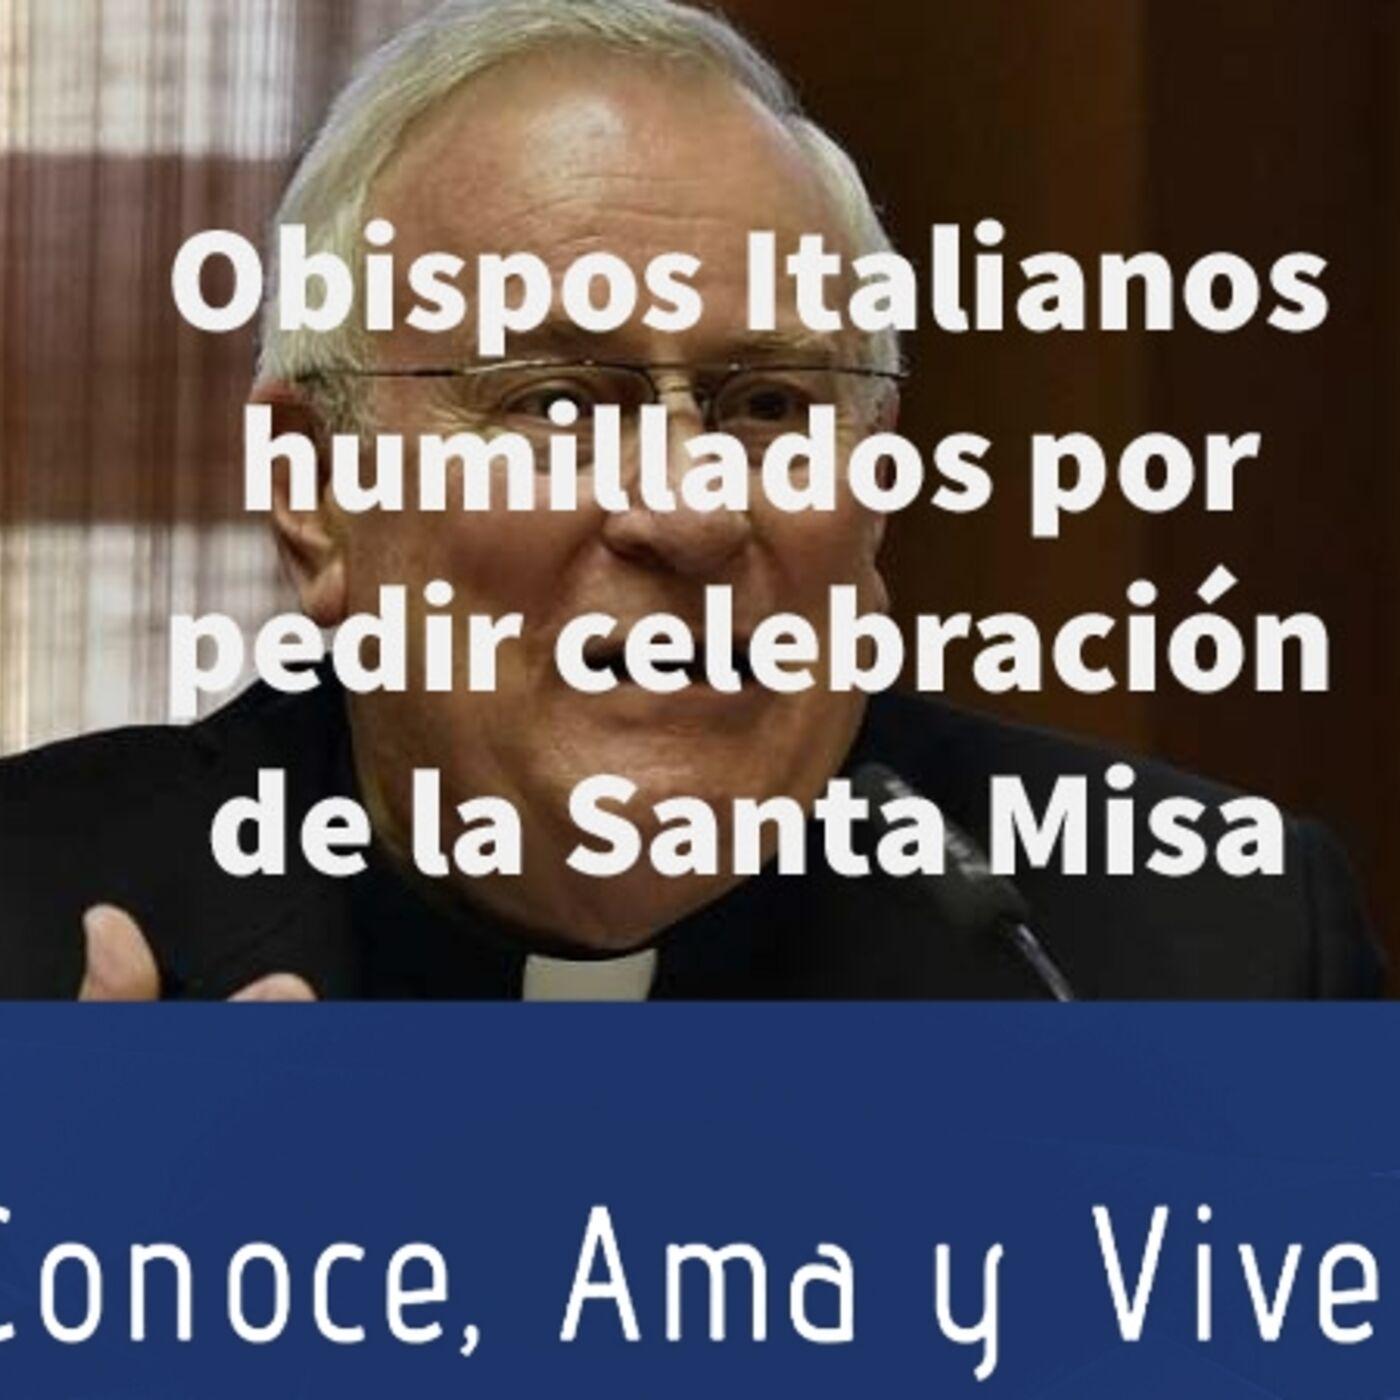 Episodio 248: 😲 Obispos Italianos humillados por pedir celebración de la Santa Misa ✝️ Reapertura de iglesias